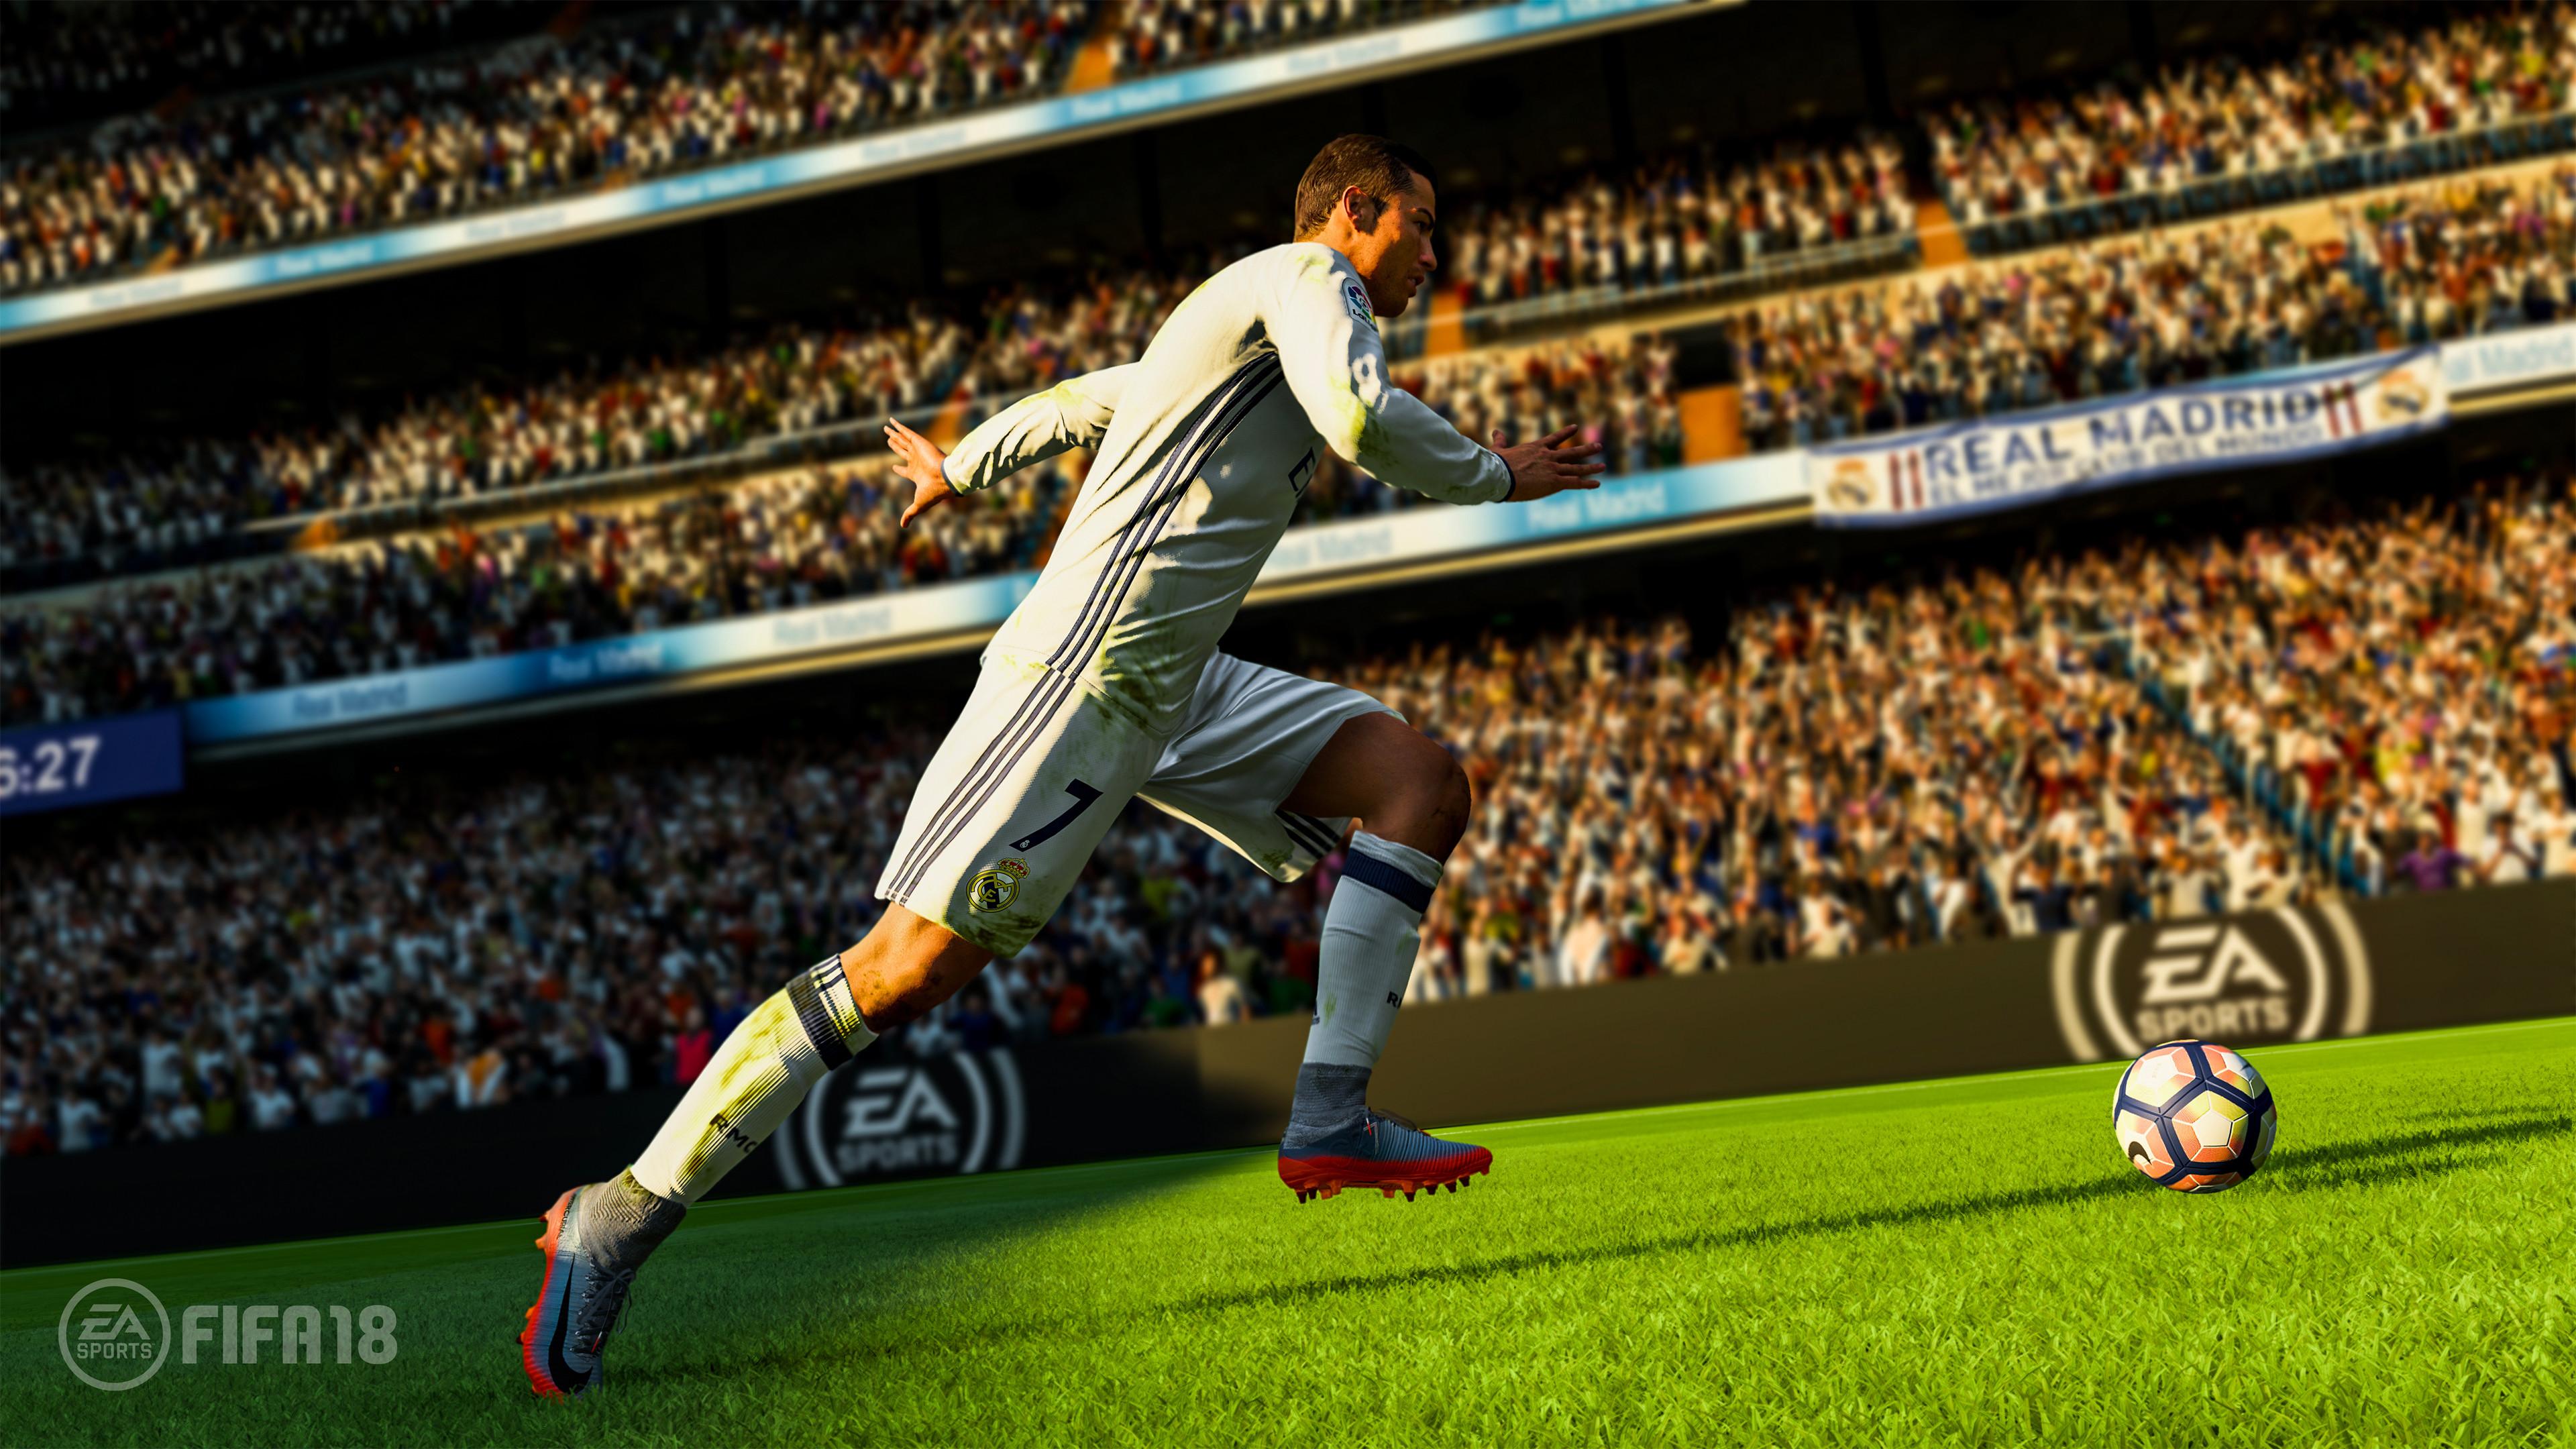 Res: 3840x2160, FIFA 18 4K Wallpaper ...